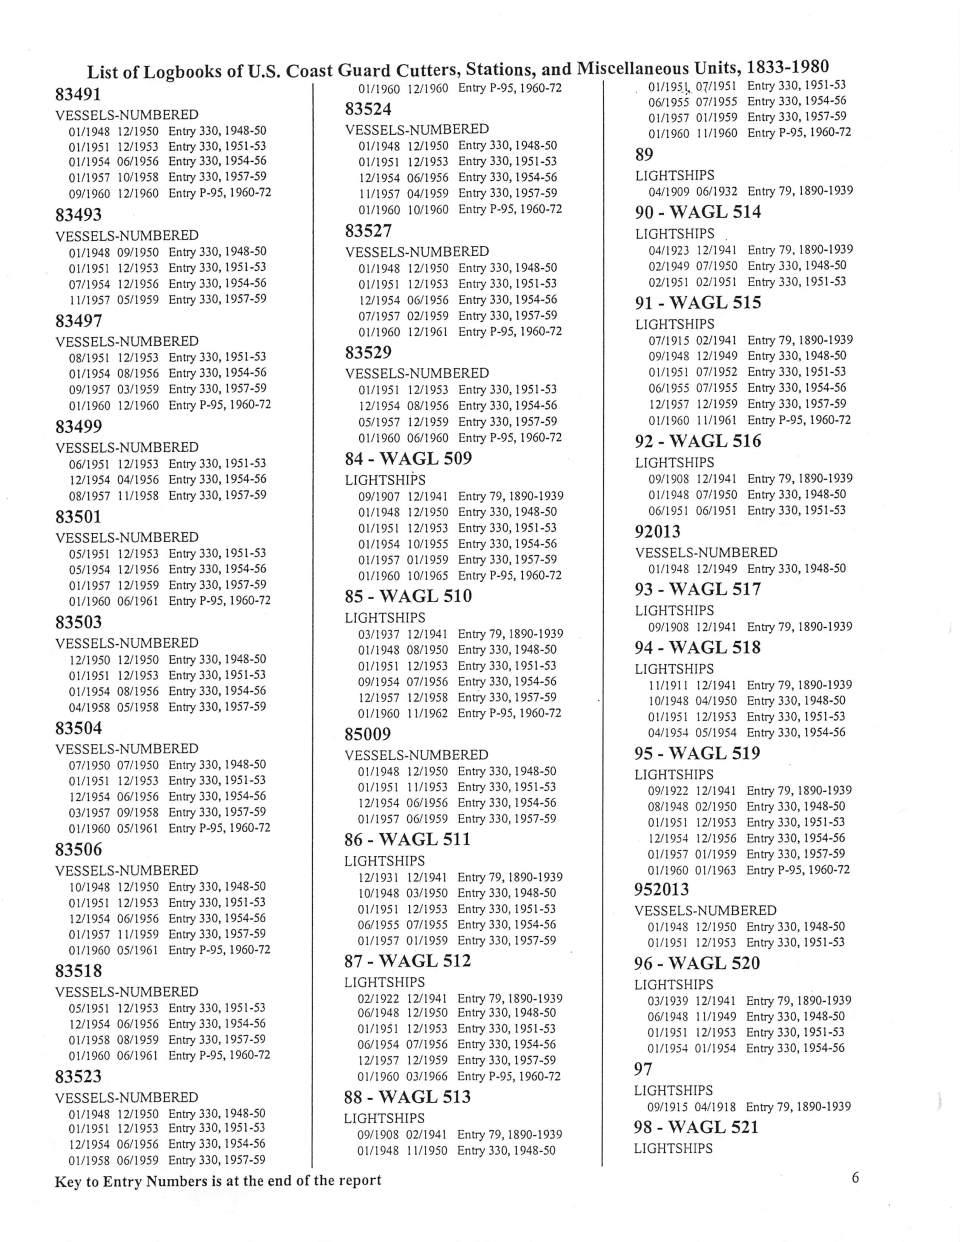 RG 26 Logs 6 Numbered Vessels